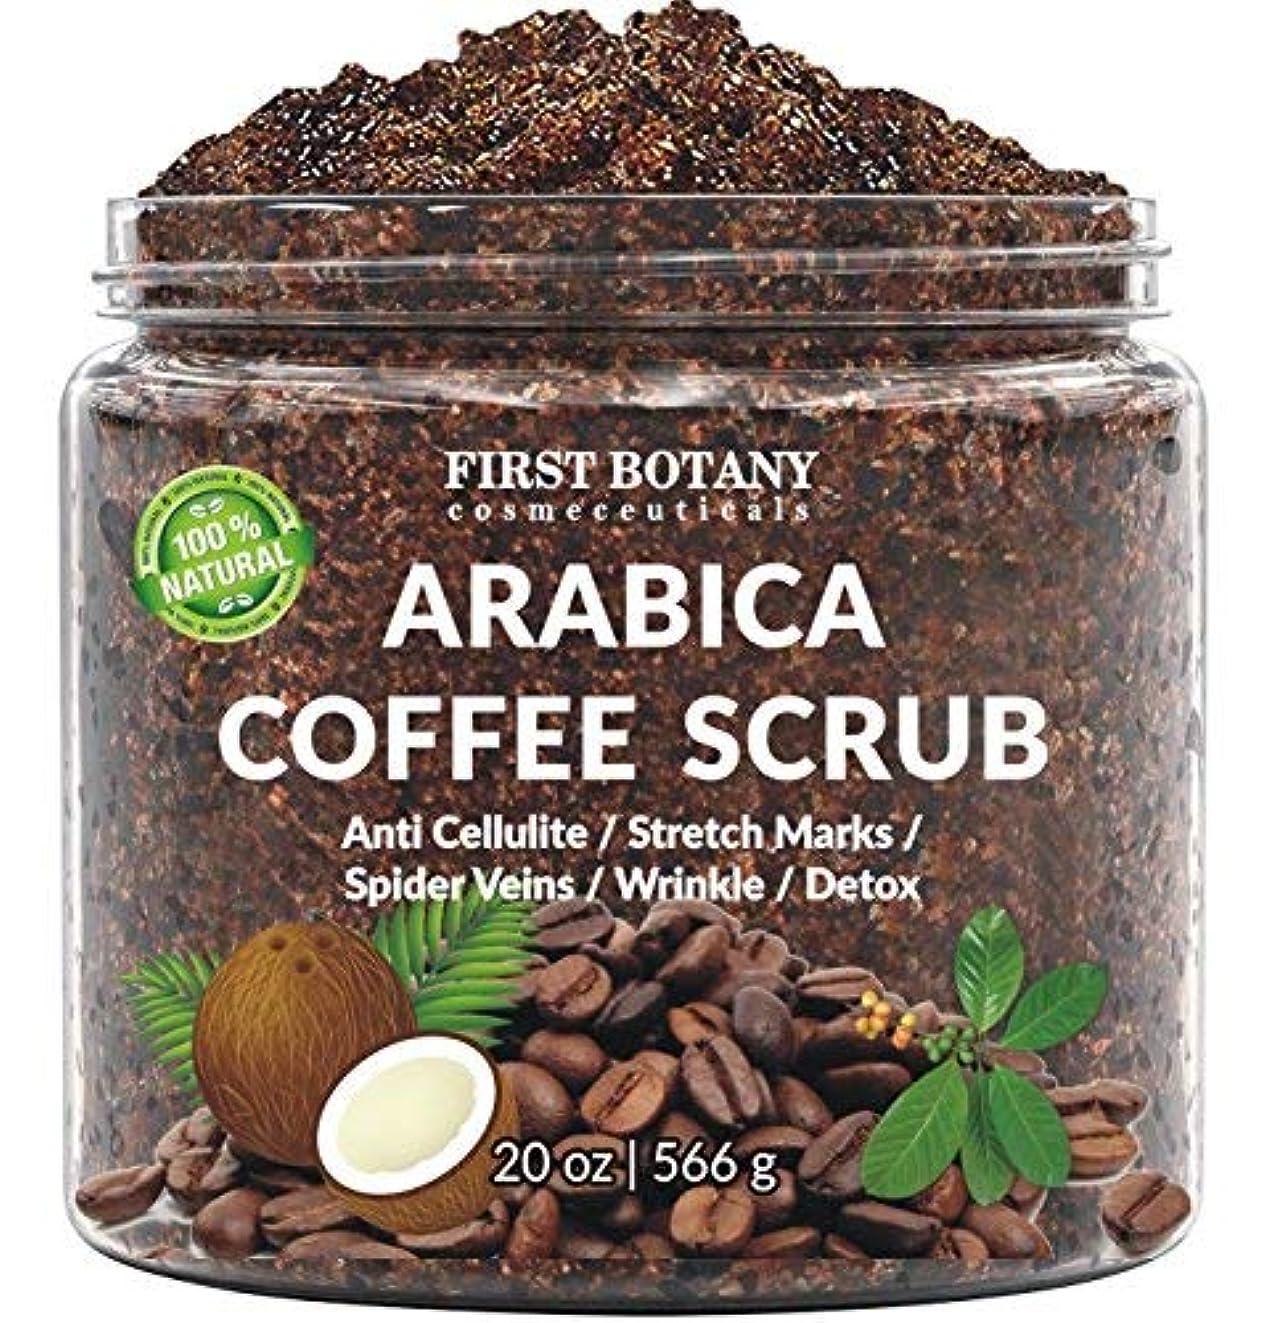 こするビリーヤギ口実100% ナチュラル アラビカ コーヒースクラブ with 有機コーヒー、ココナッツ、シアバター | ボディースクラブクリーム [海外直送品] (566グラム)